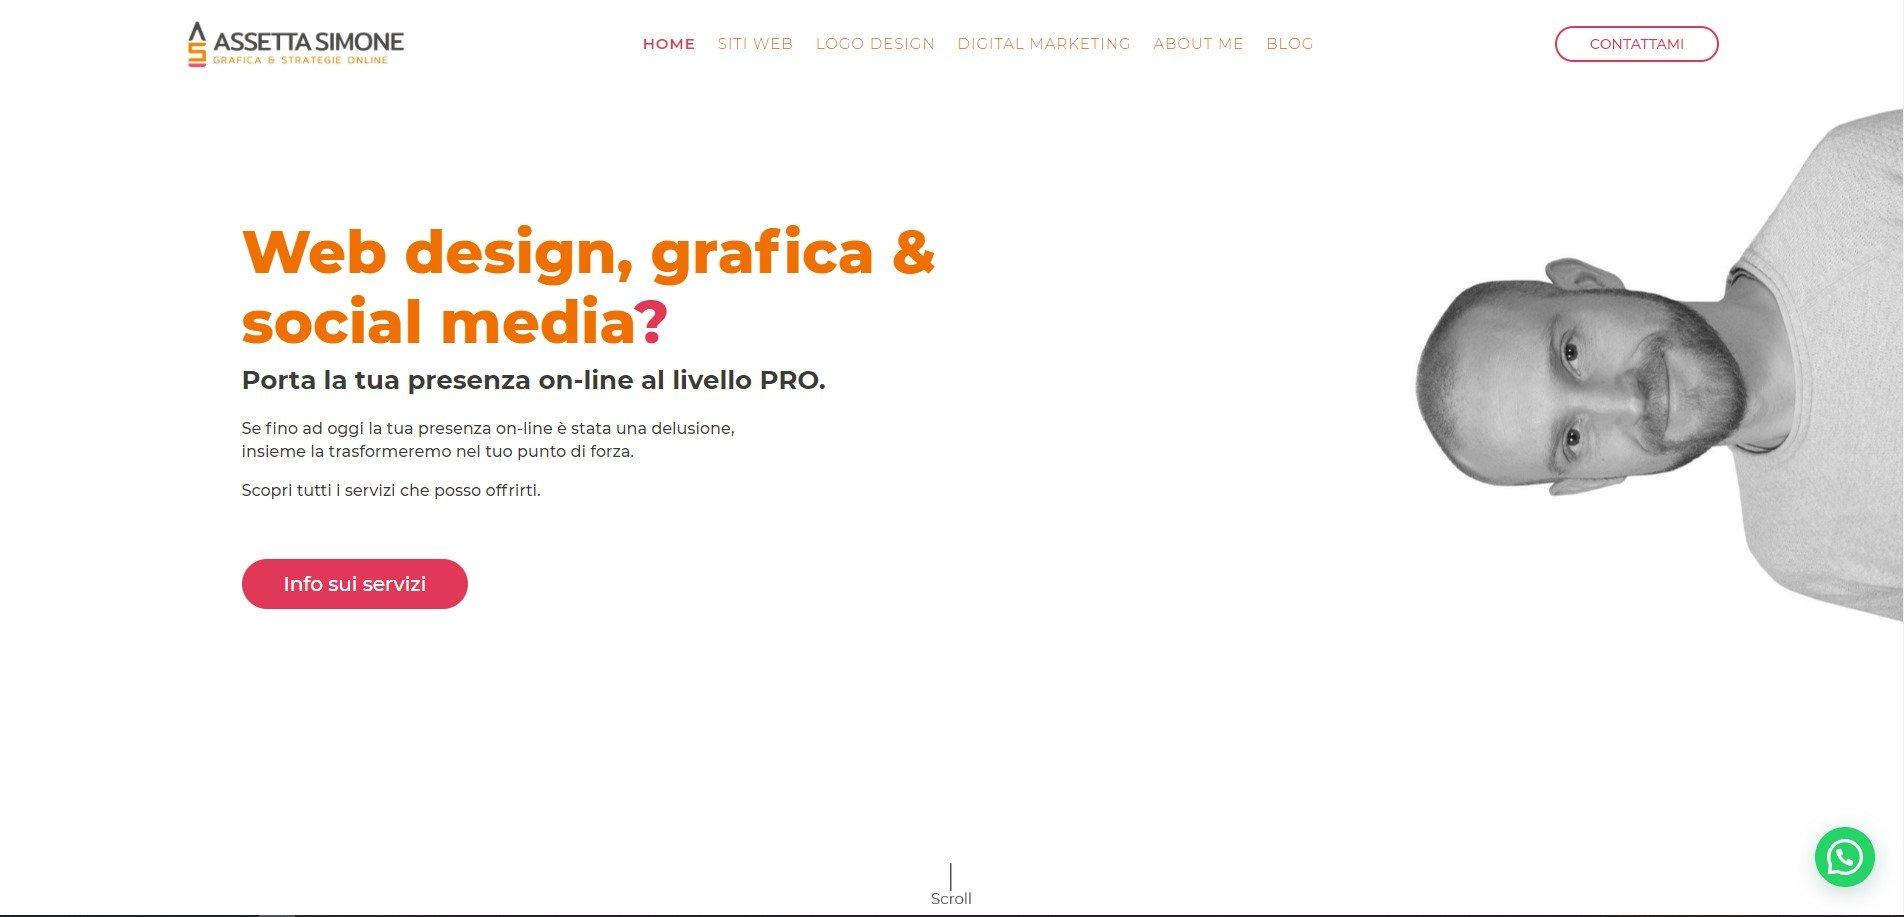 esempio CTA nella mia homepage